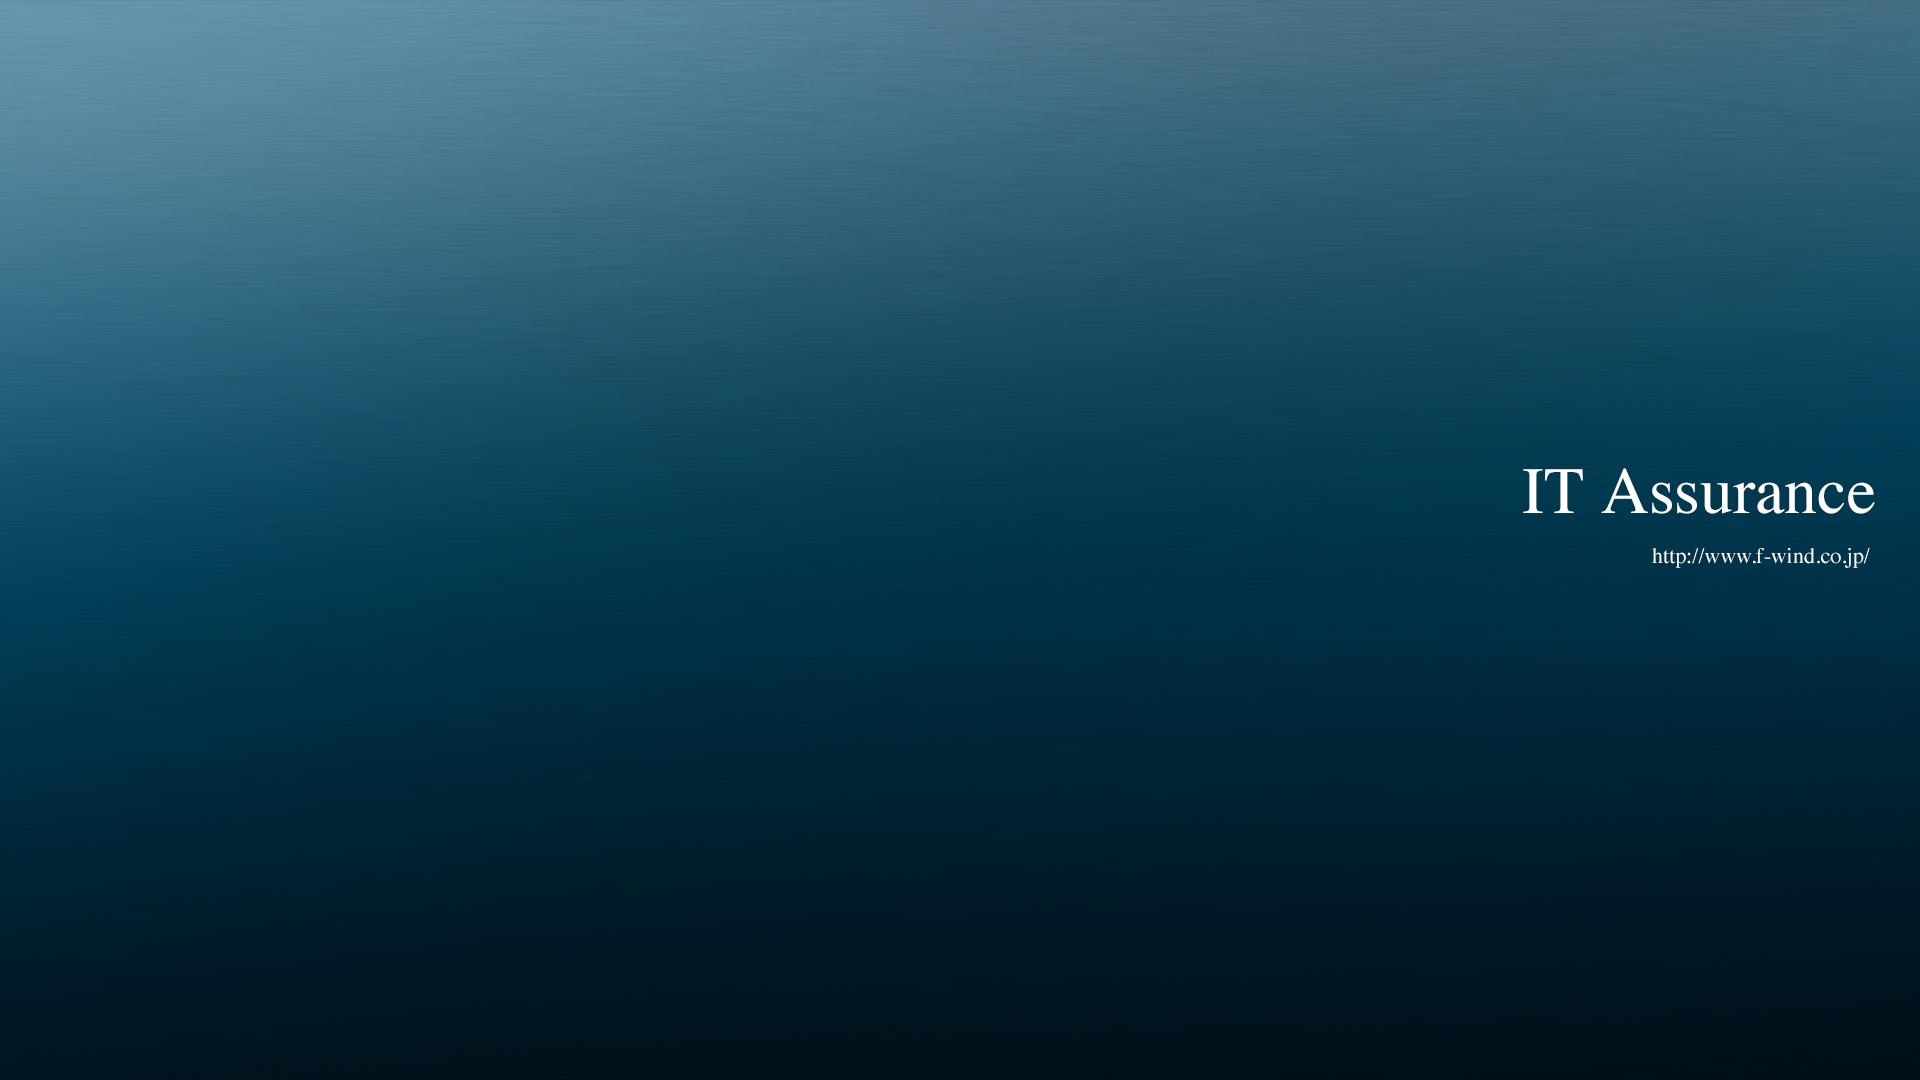 壁紙ダウンロード 株式会社フォローウインド 東京都港区新橋